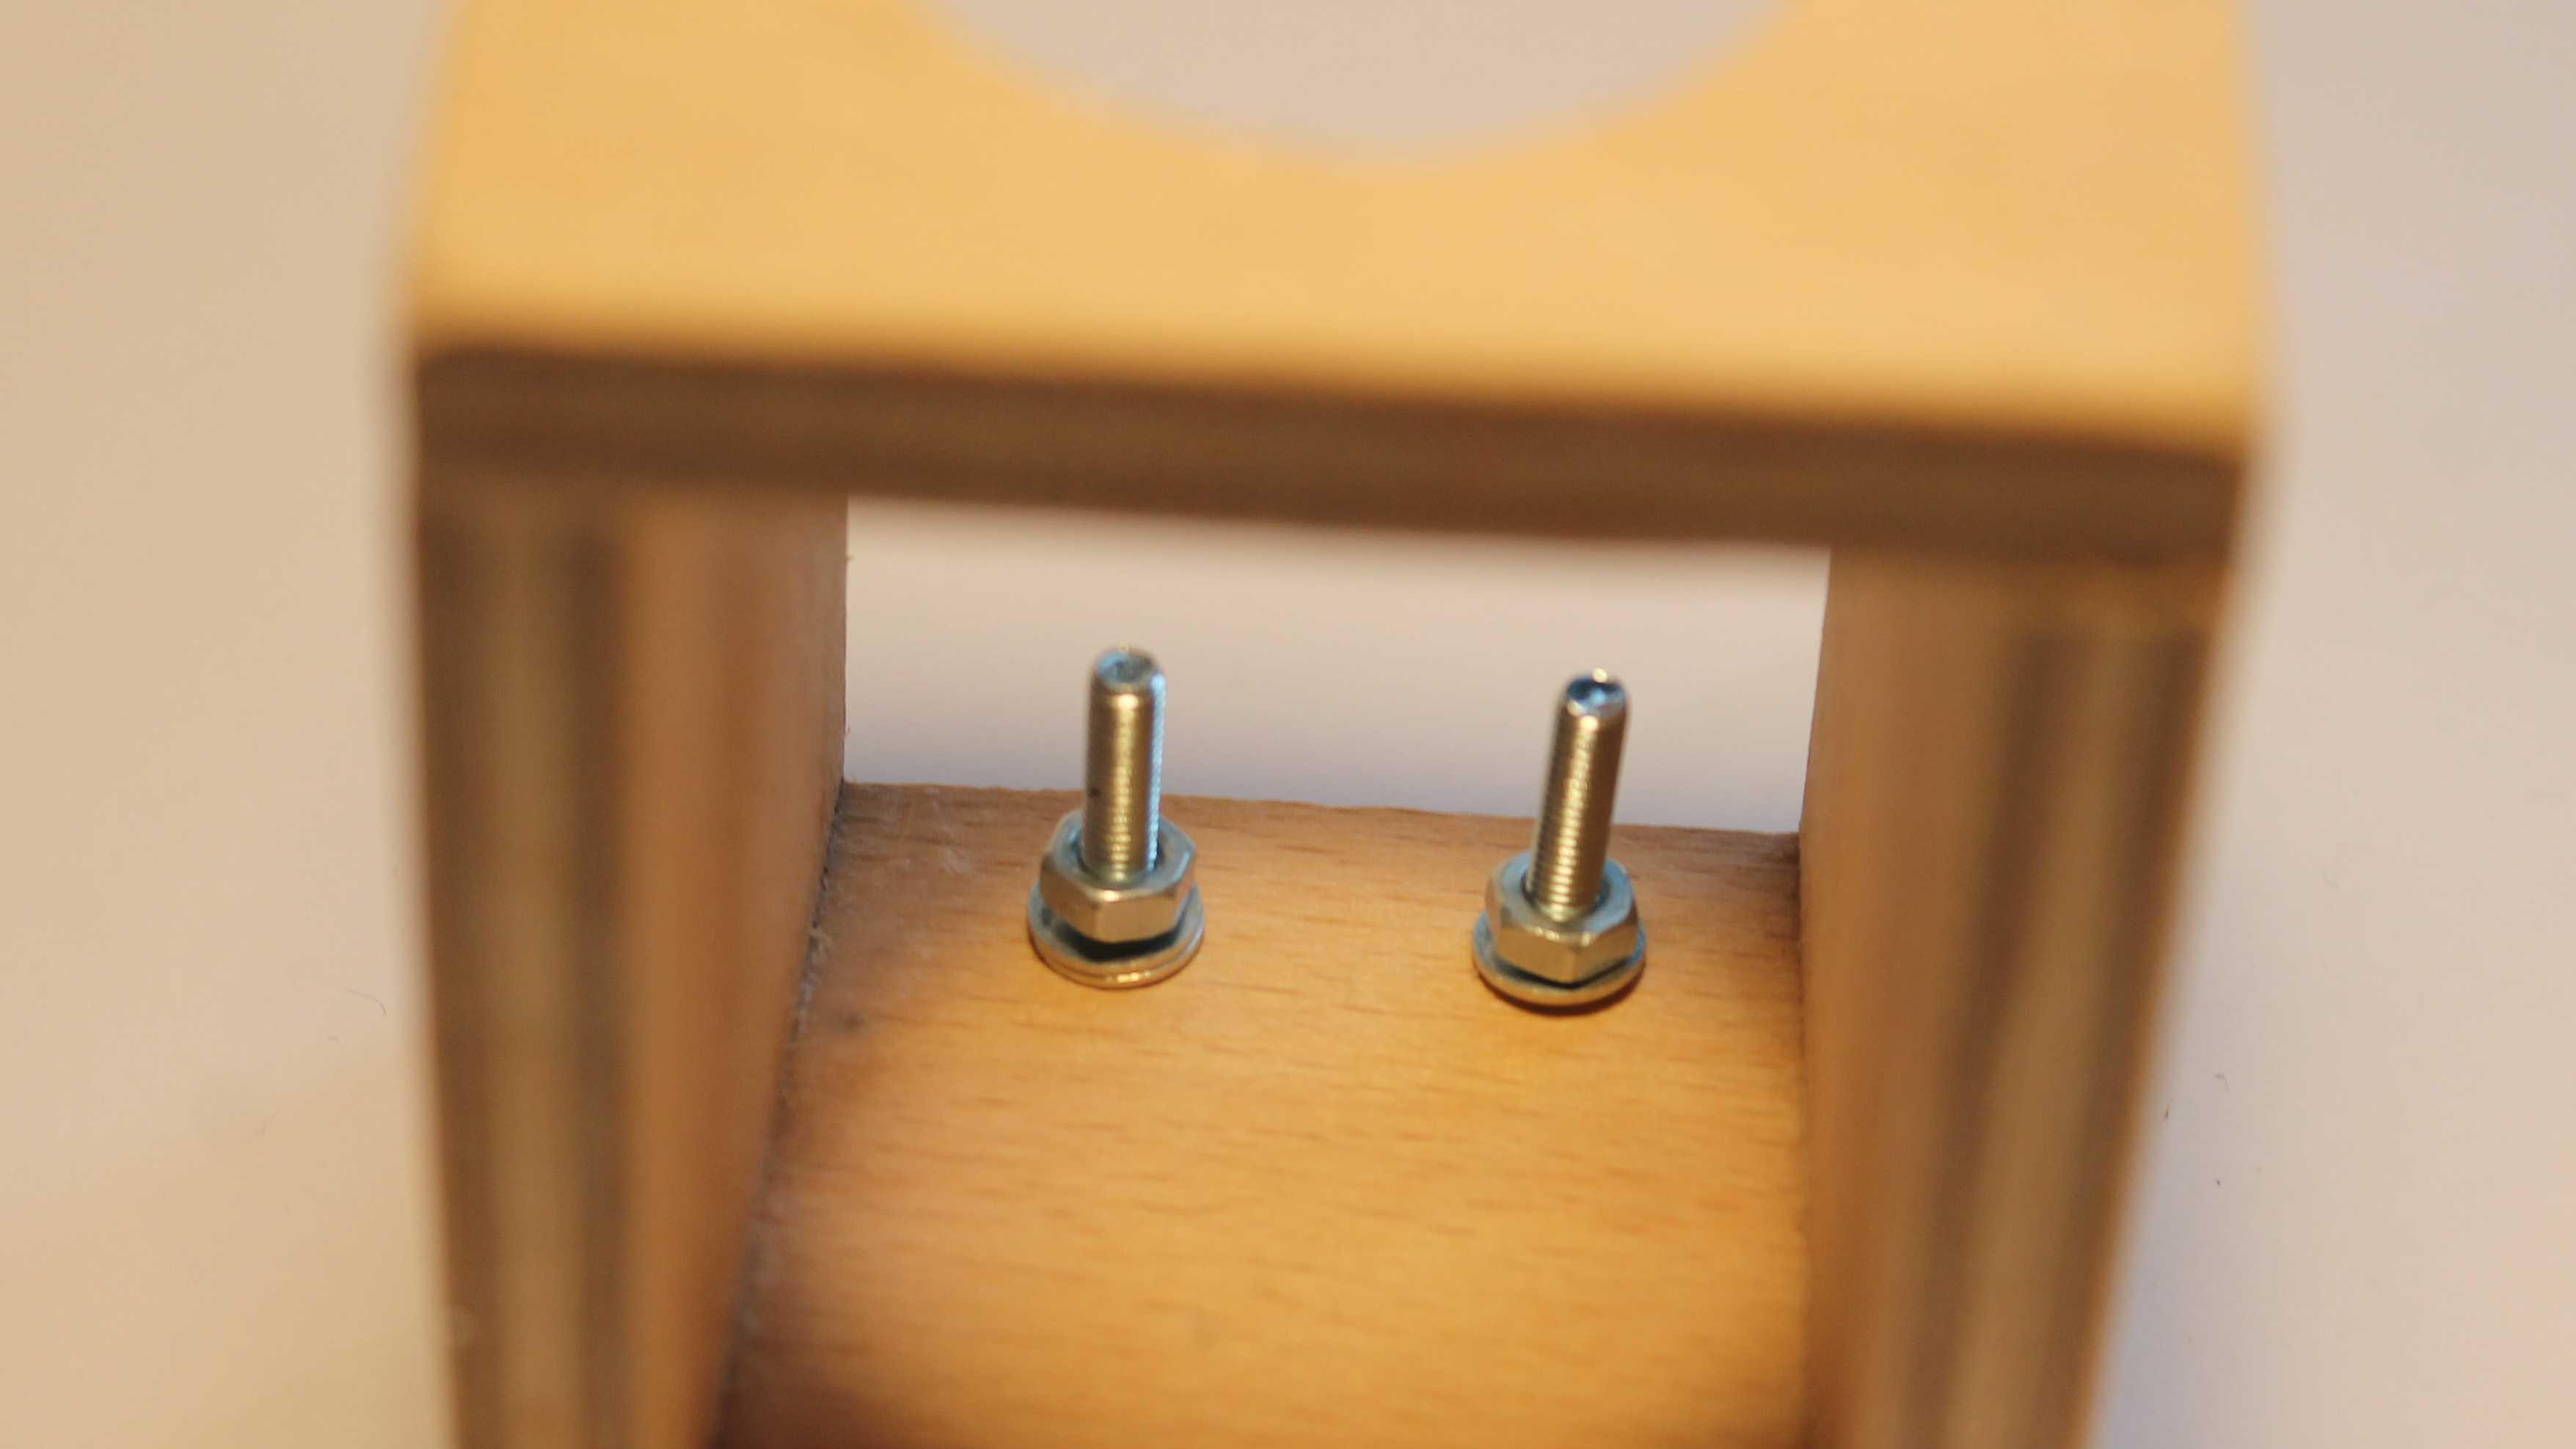 Zwei Schrauben ragen aus einem Stück Holz.